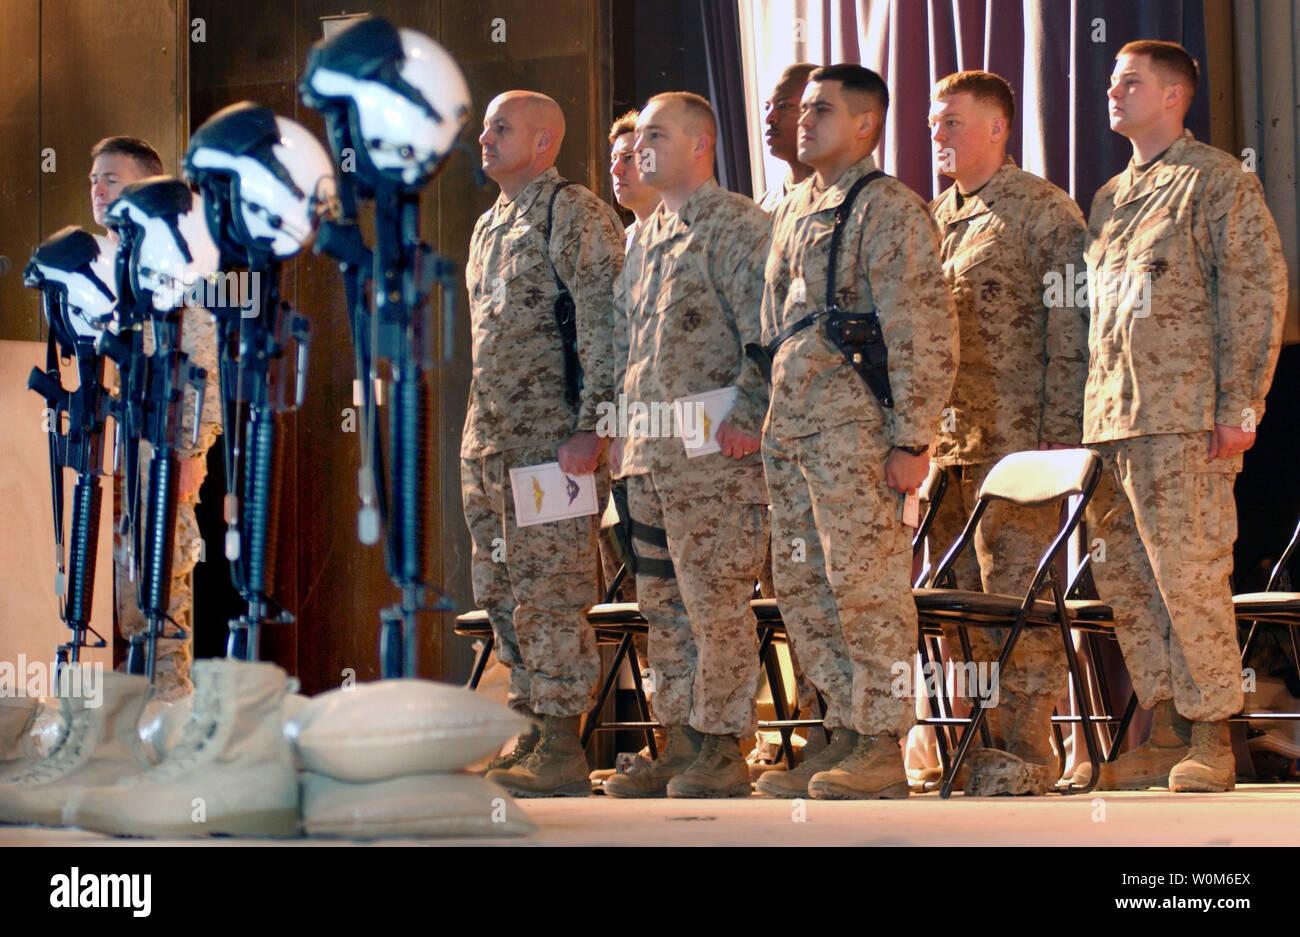 Marines aus Marinen schweren Helikopter Squadron 361 stehen stramm Februar 2, 2005 am Anfang eines emotionalen Trauerfeier für die vier Mann Besatzung, die ihr Leben bei einem Hubschrauberabsturz in der Al-Anbar Provinz des Irak Jan. 26, 2005 verloren. (UPI Foto/Tschad McMeen/USMC) Stockfoto